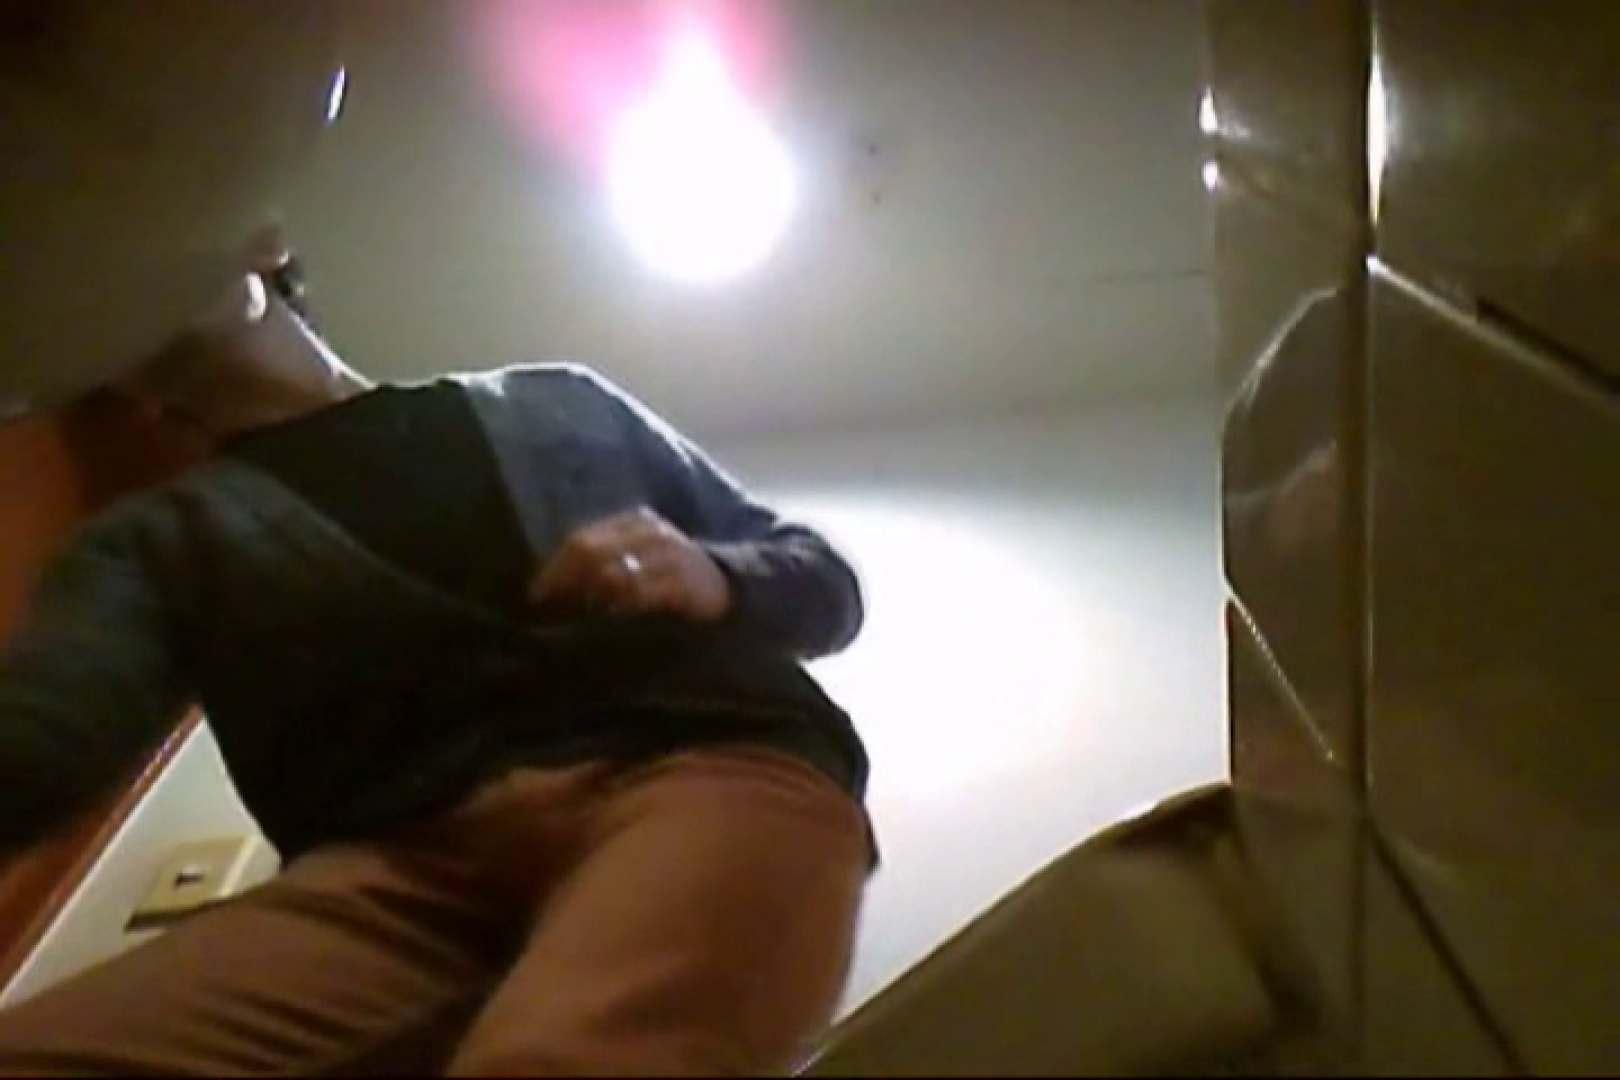 Gボーイ初投稿!掴み取りさんの洗面所覗き!in新幹線!VOL.16 完全無修正でお届け | おやじ熊系ボーイズ  77pic 60